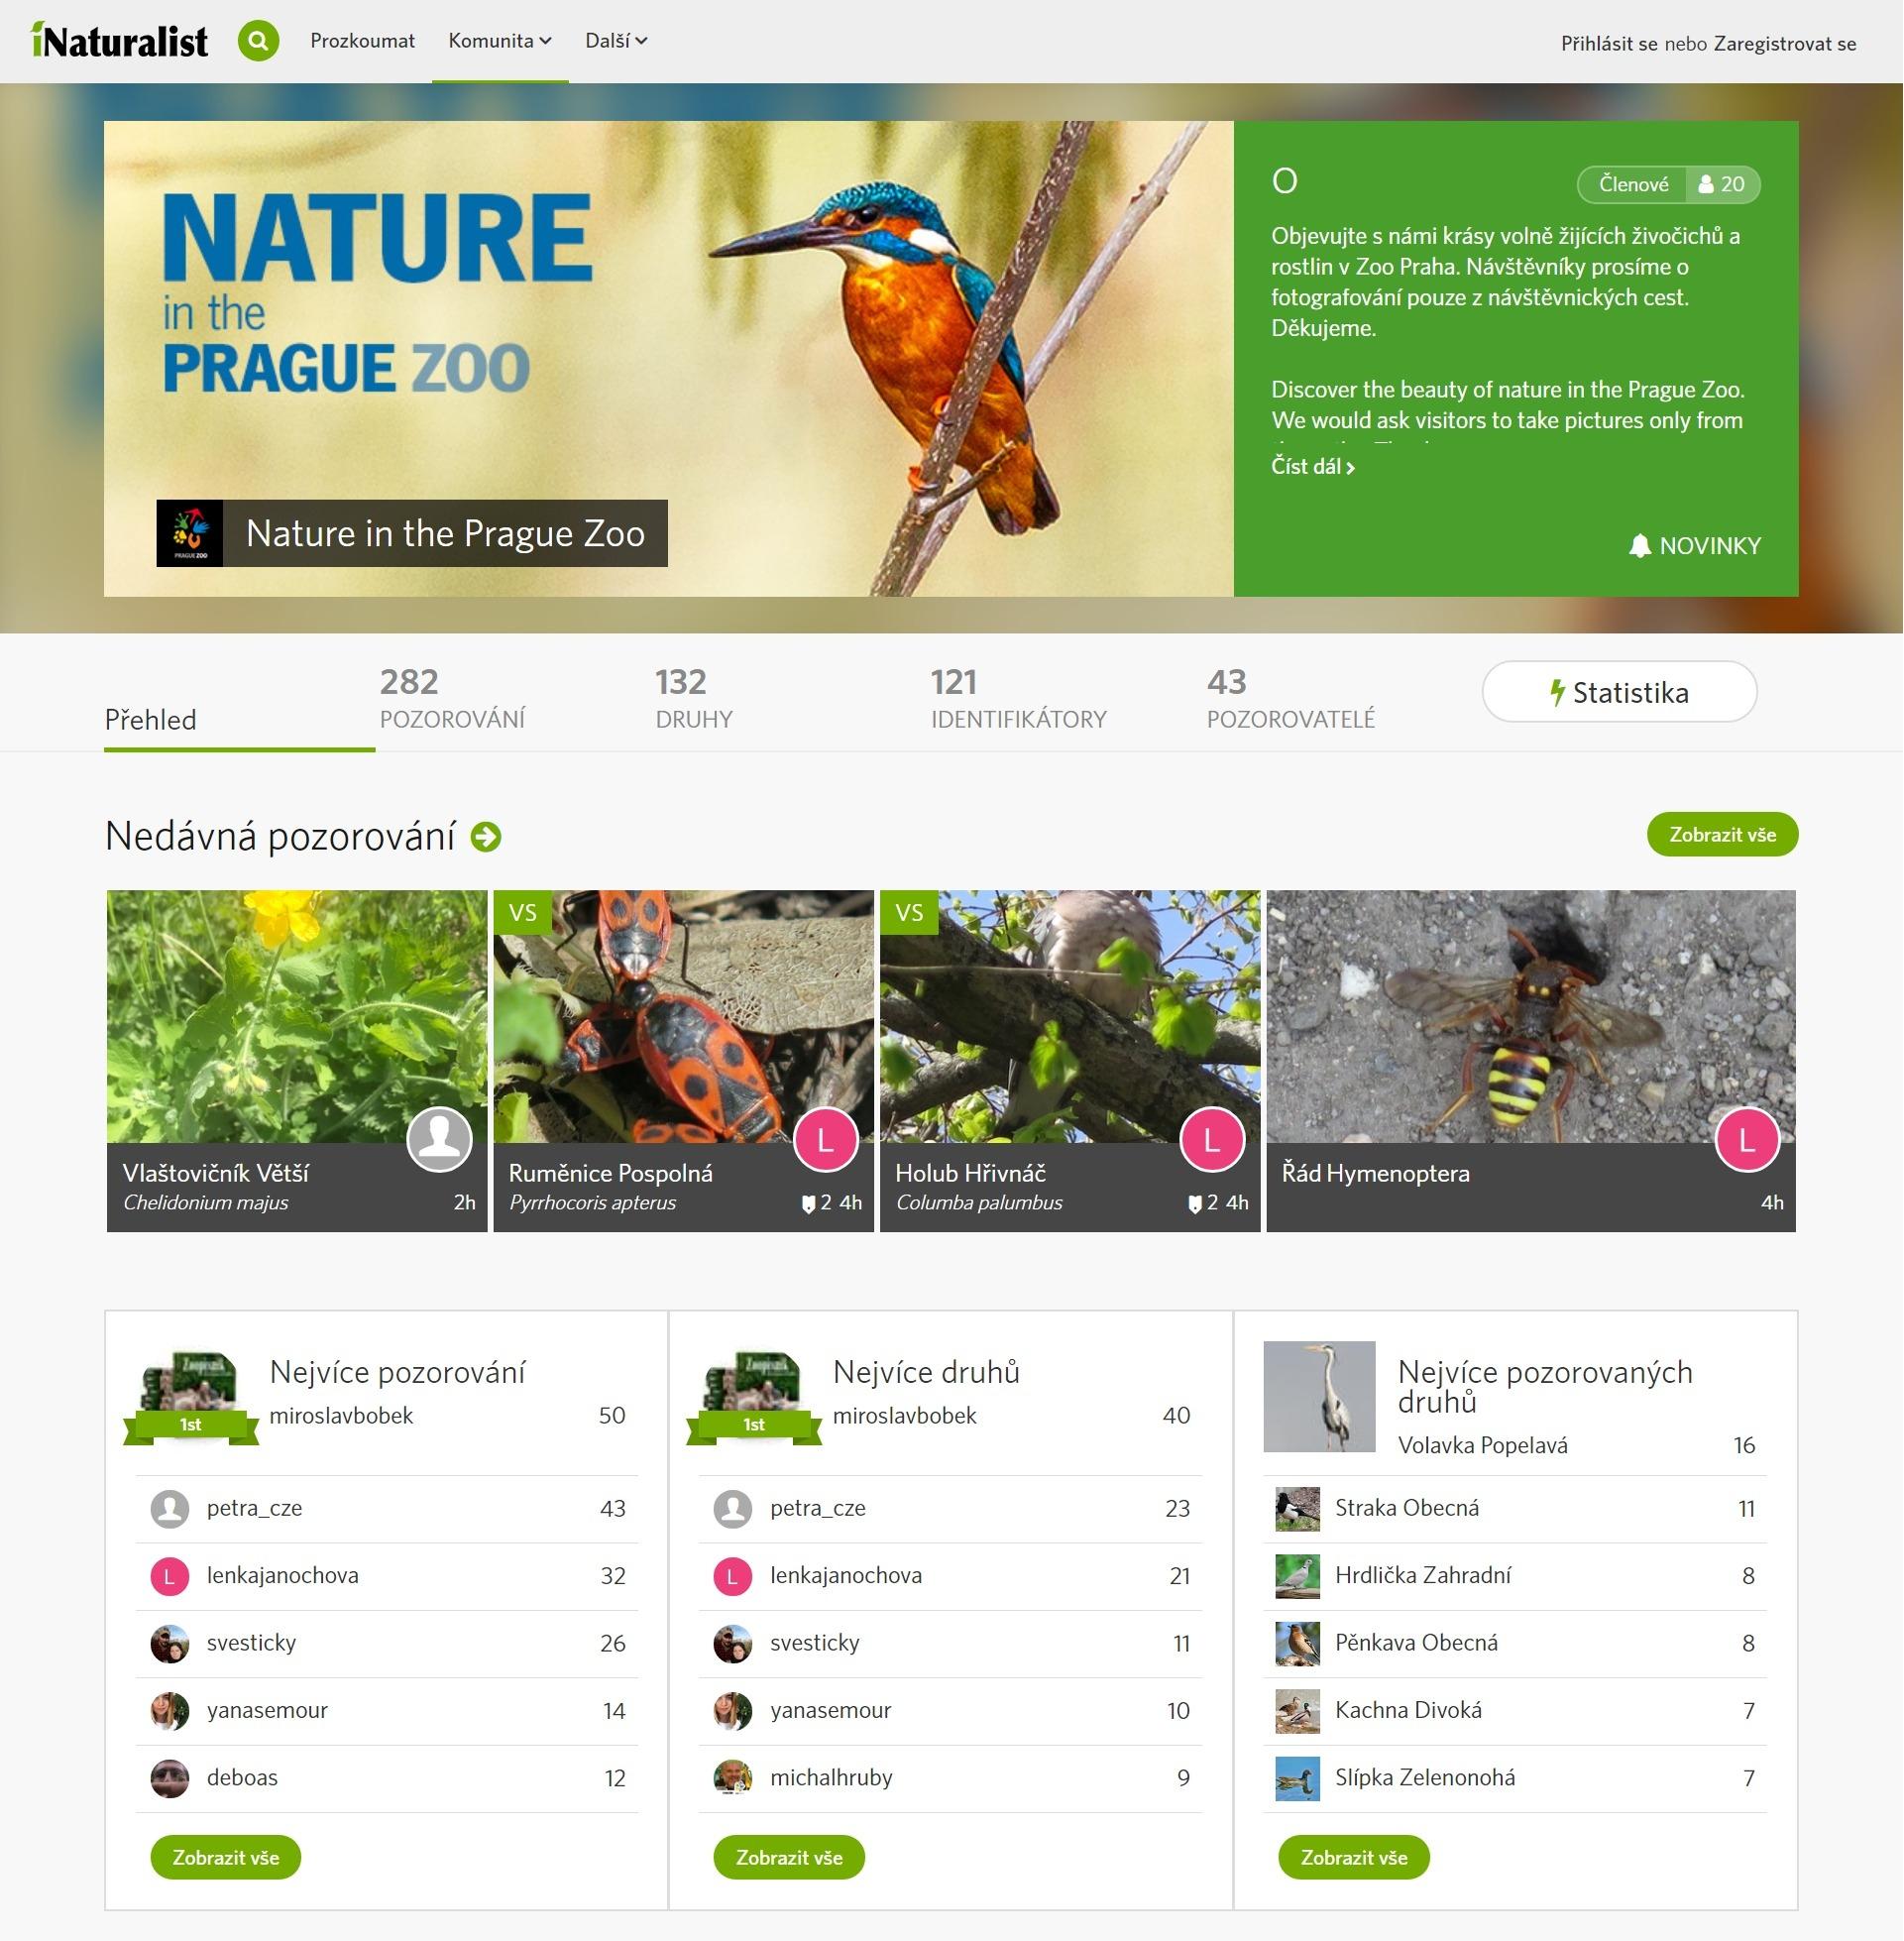 Pražská zoo v rámci aplikace iNaturalist zřídila vlastní skupinu Nature in the Prague Zoo, kde jsou shromažďovány fotografie živočichů a rostlin volně žijících v areálu.